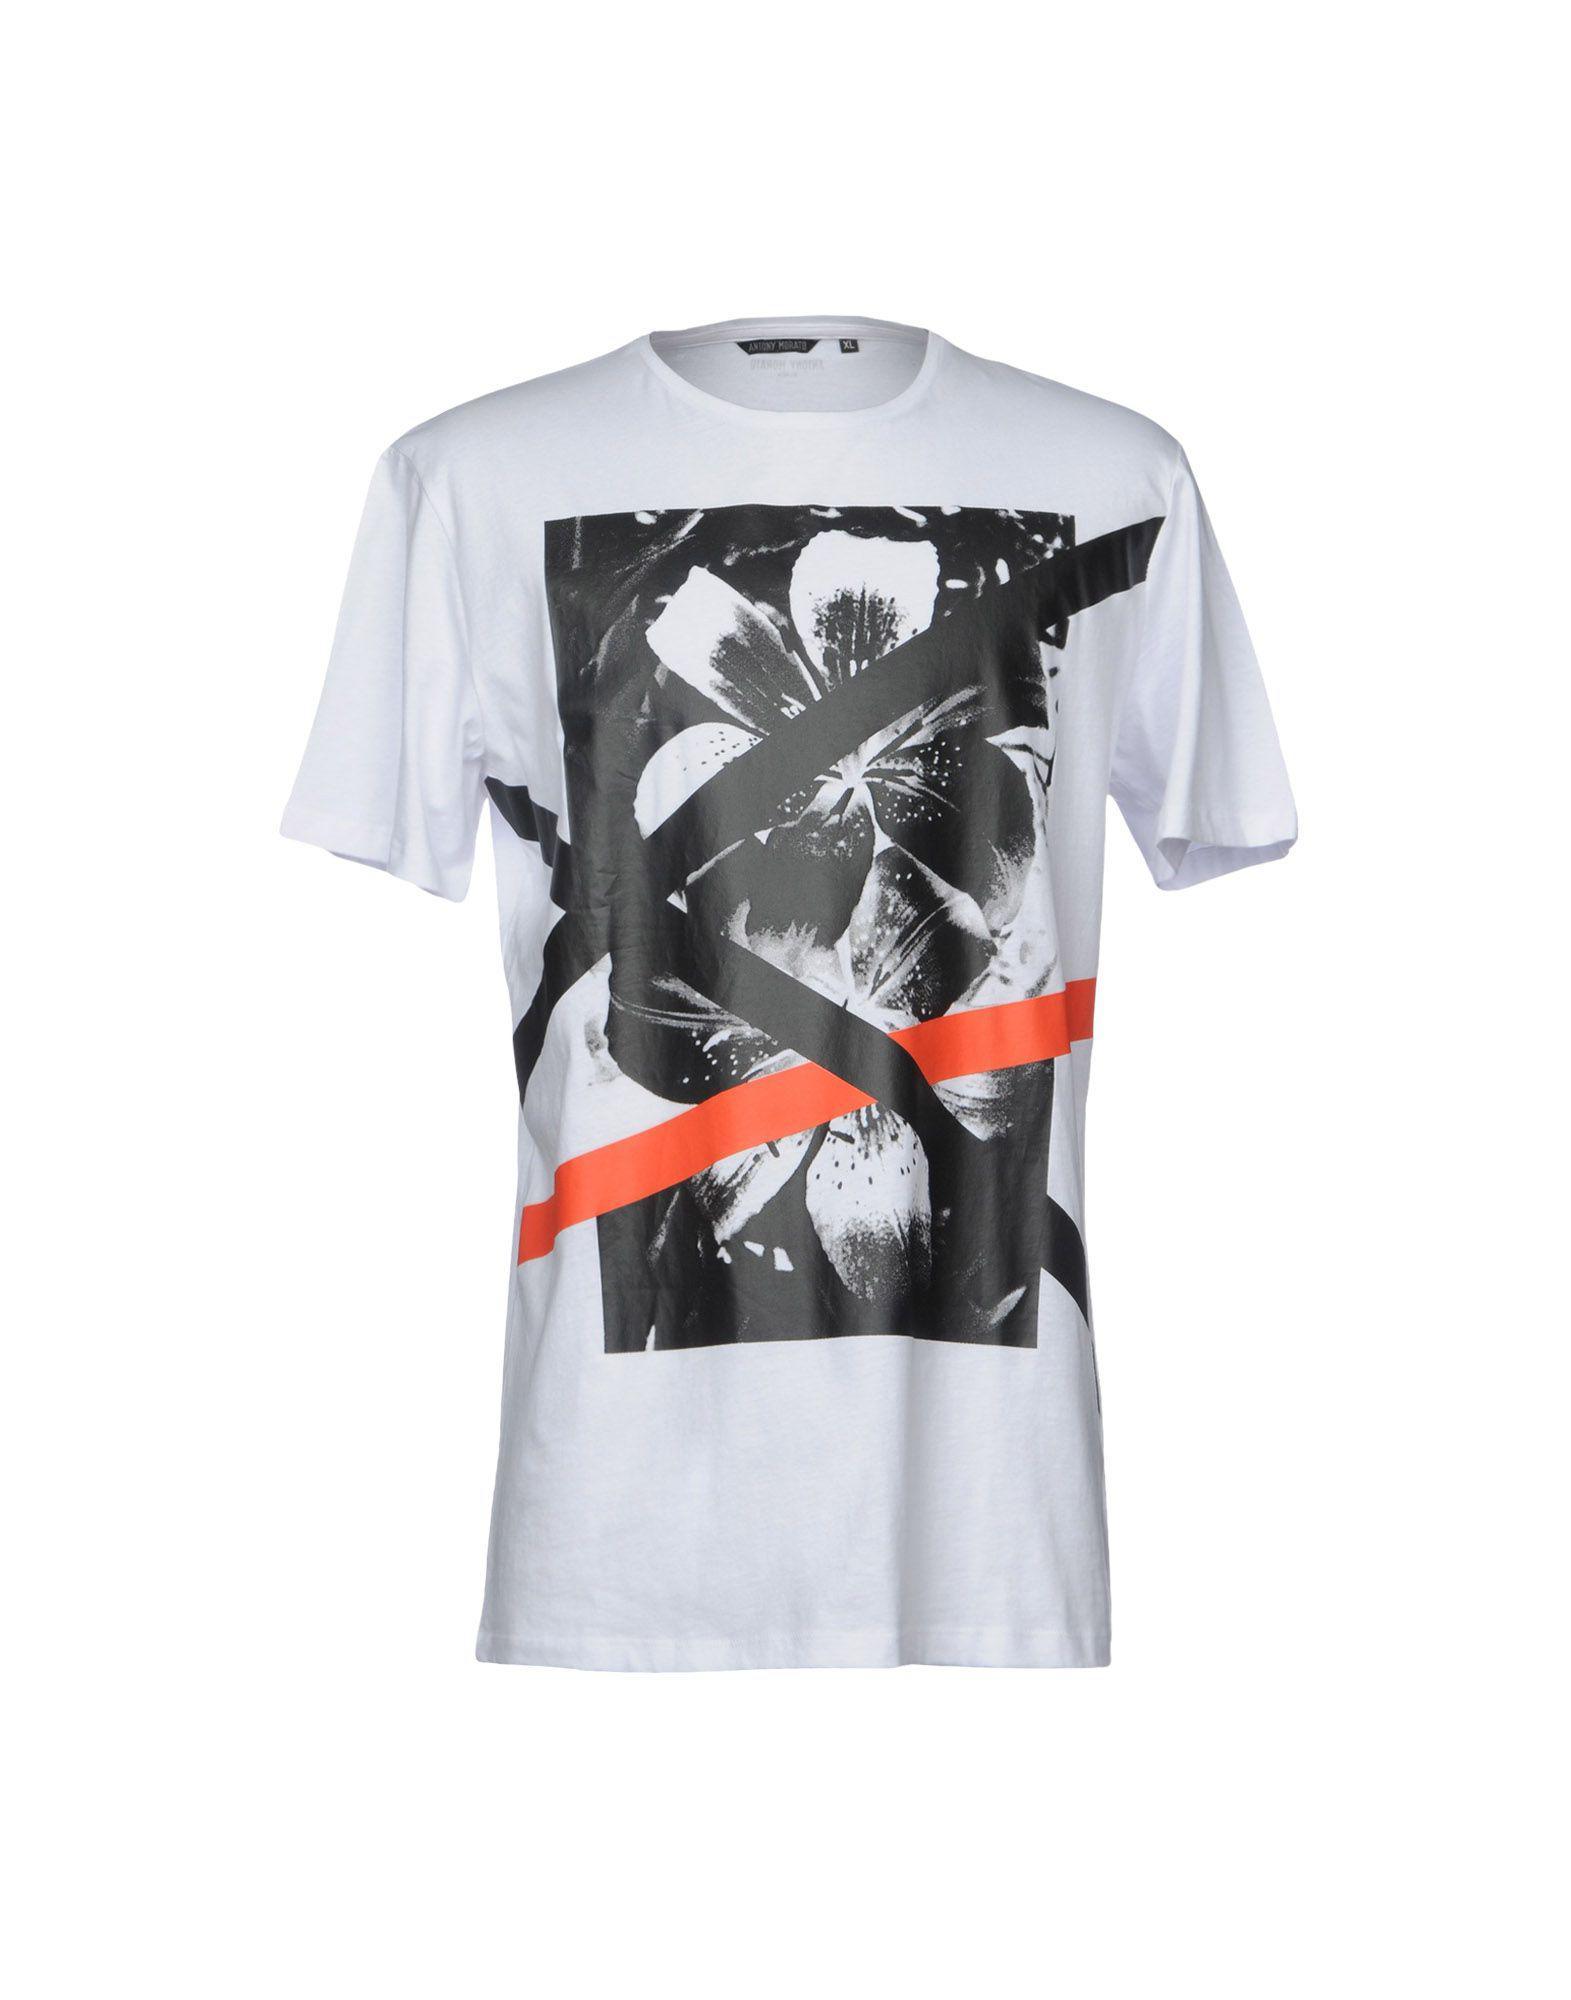 d10c3f62 Lyst - Antony Morato T-shirt in White for Men